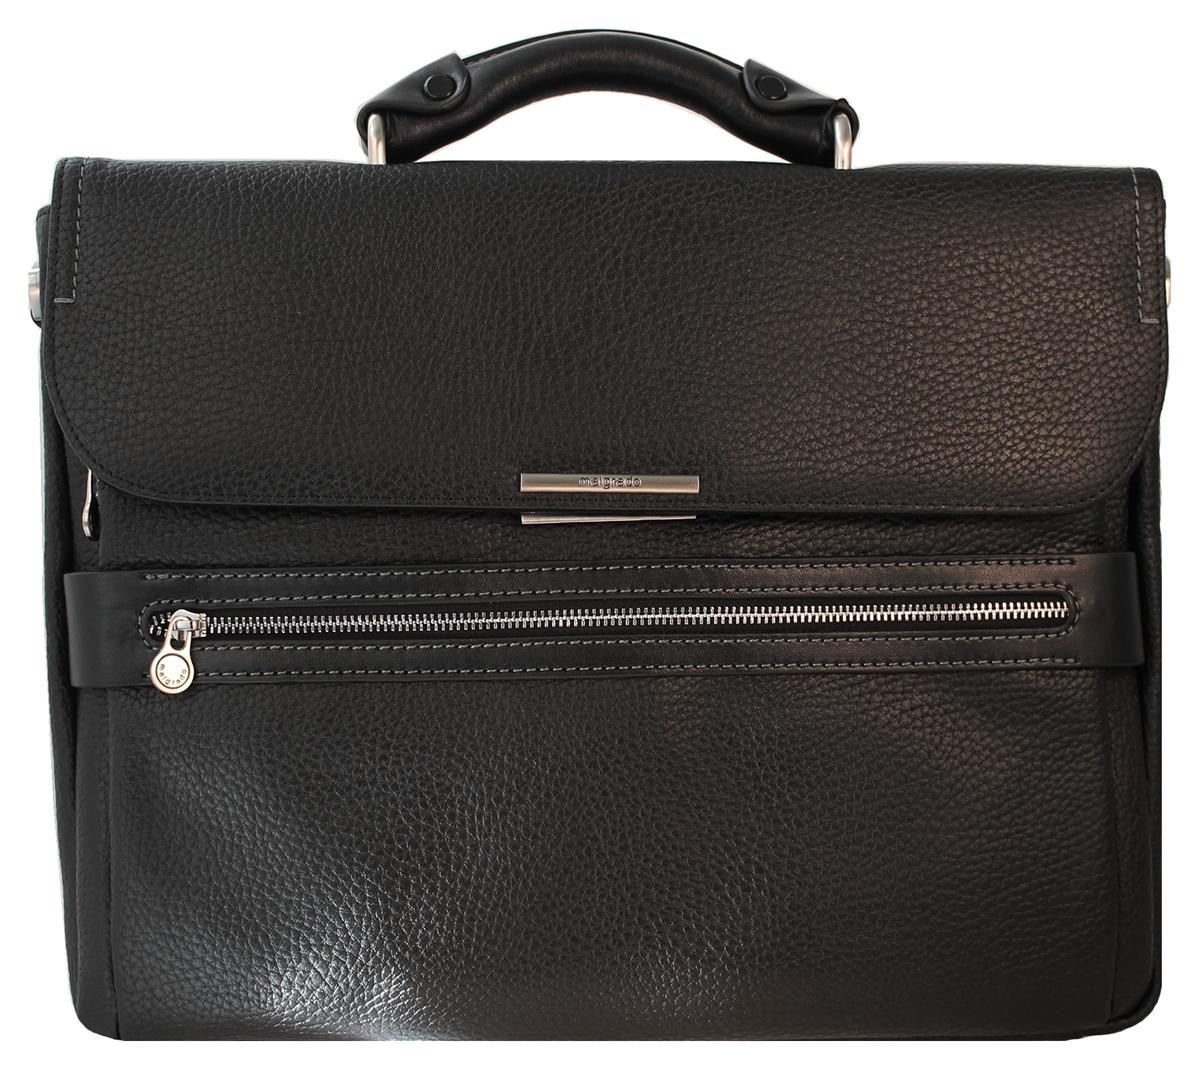 Сумка мужская Malgrado, цвет: черный. BR11-563BR11-563 blackОригинальная мужская сумка Malgrado из натуральной кожи черного цвета. Сумка оснащена удобной ручкой и закрывается клапаном на металлическую защелку. Внутри расположено одно отделение, вшитый кармашек на молнии, карман на кнопке для бумаг. Под клапаном расположен нашивной кармашек, в нем расположено два кармашка для визиток и кредитных карт, два кармашка для мелочей и телефона и два фиксатора для пишущих принадлежностей. Также на лицевой стороне расположен вшитый кармашек на молнии. На задней стороне расположен вшитый кармашек на молнии. Прилагается съемный плечевой текстильный ремень. Характеристики: Материал: натуральная кожа, текстиль, металл. Размер сумки: 40 см х 32 см х 8 см. Высота ручек: 6 см. Длина плечевого ремня: 70-140 см. Цвет: черный.